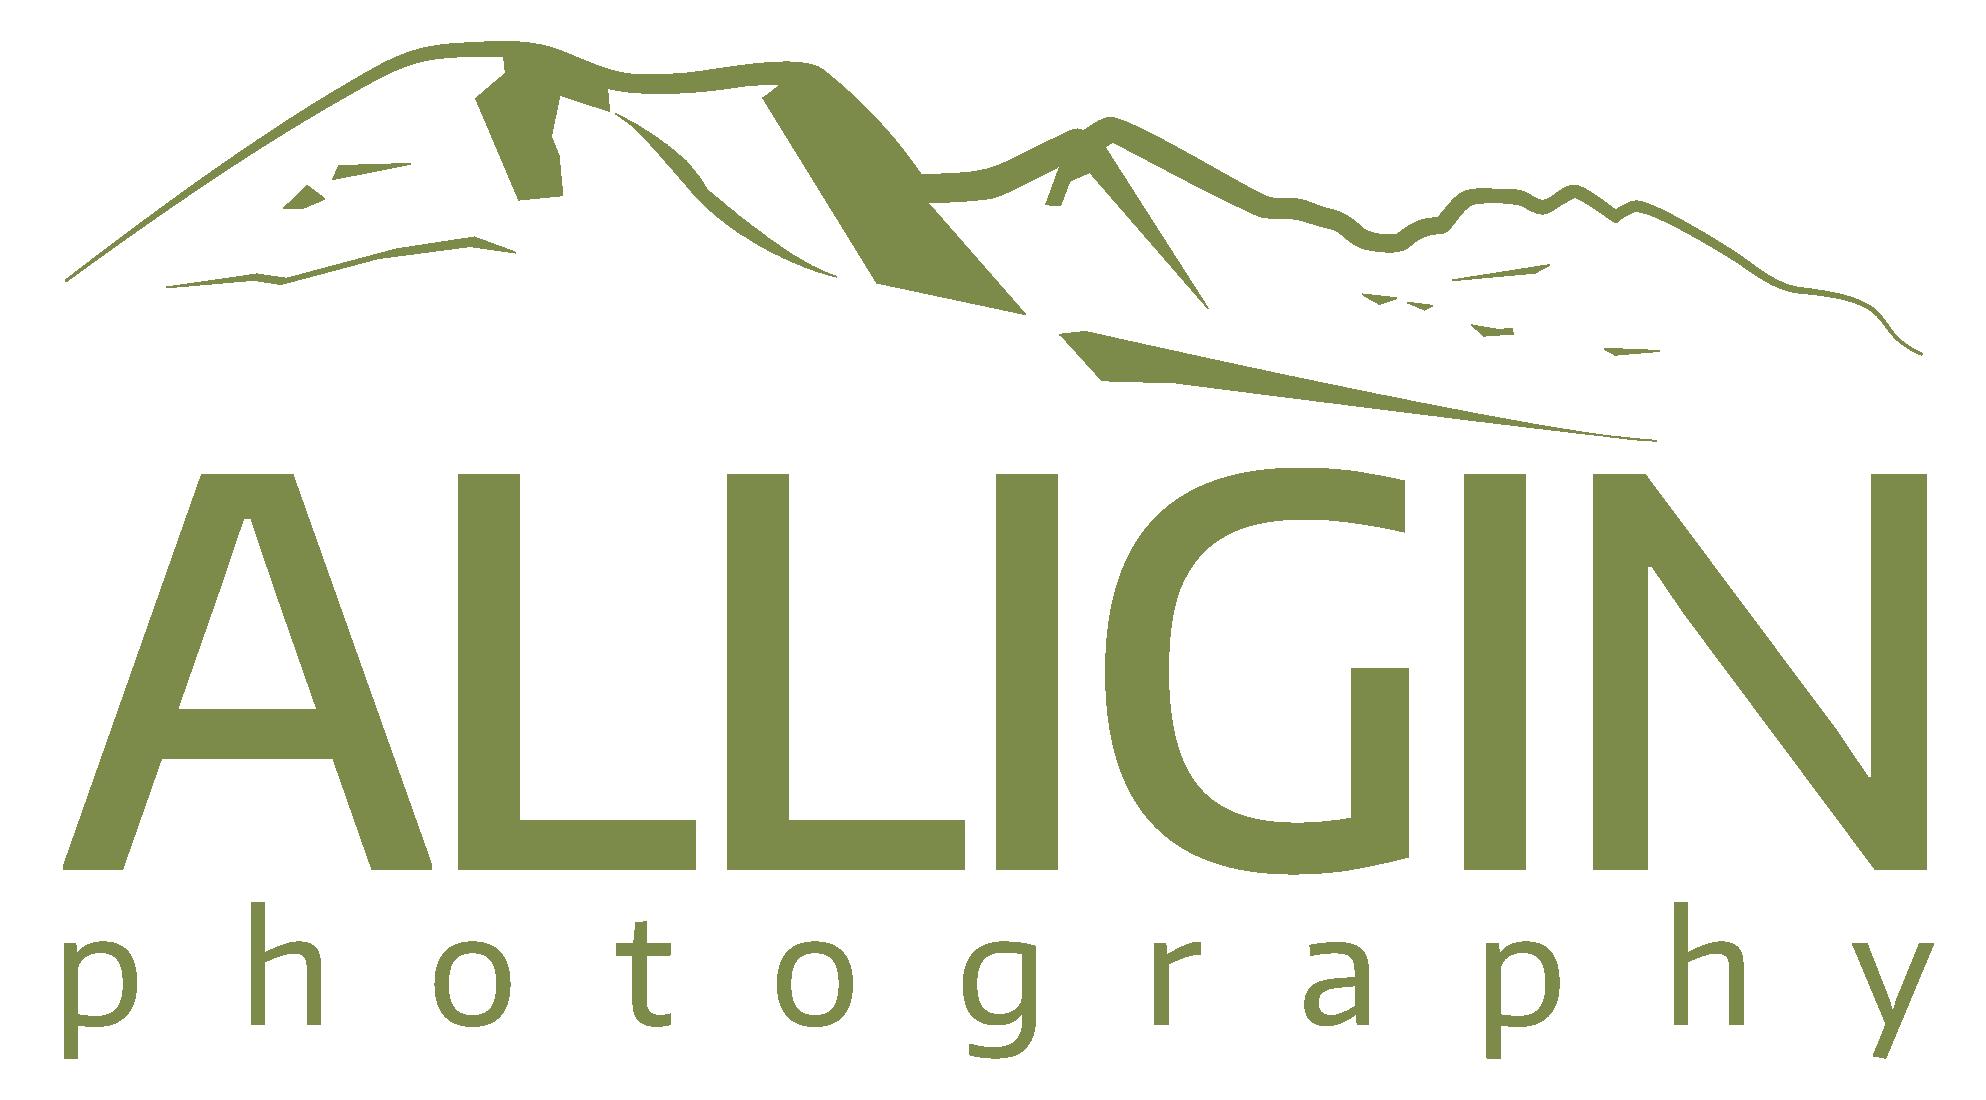 Celtman Images